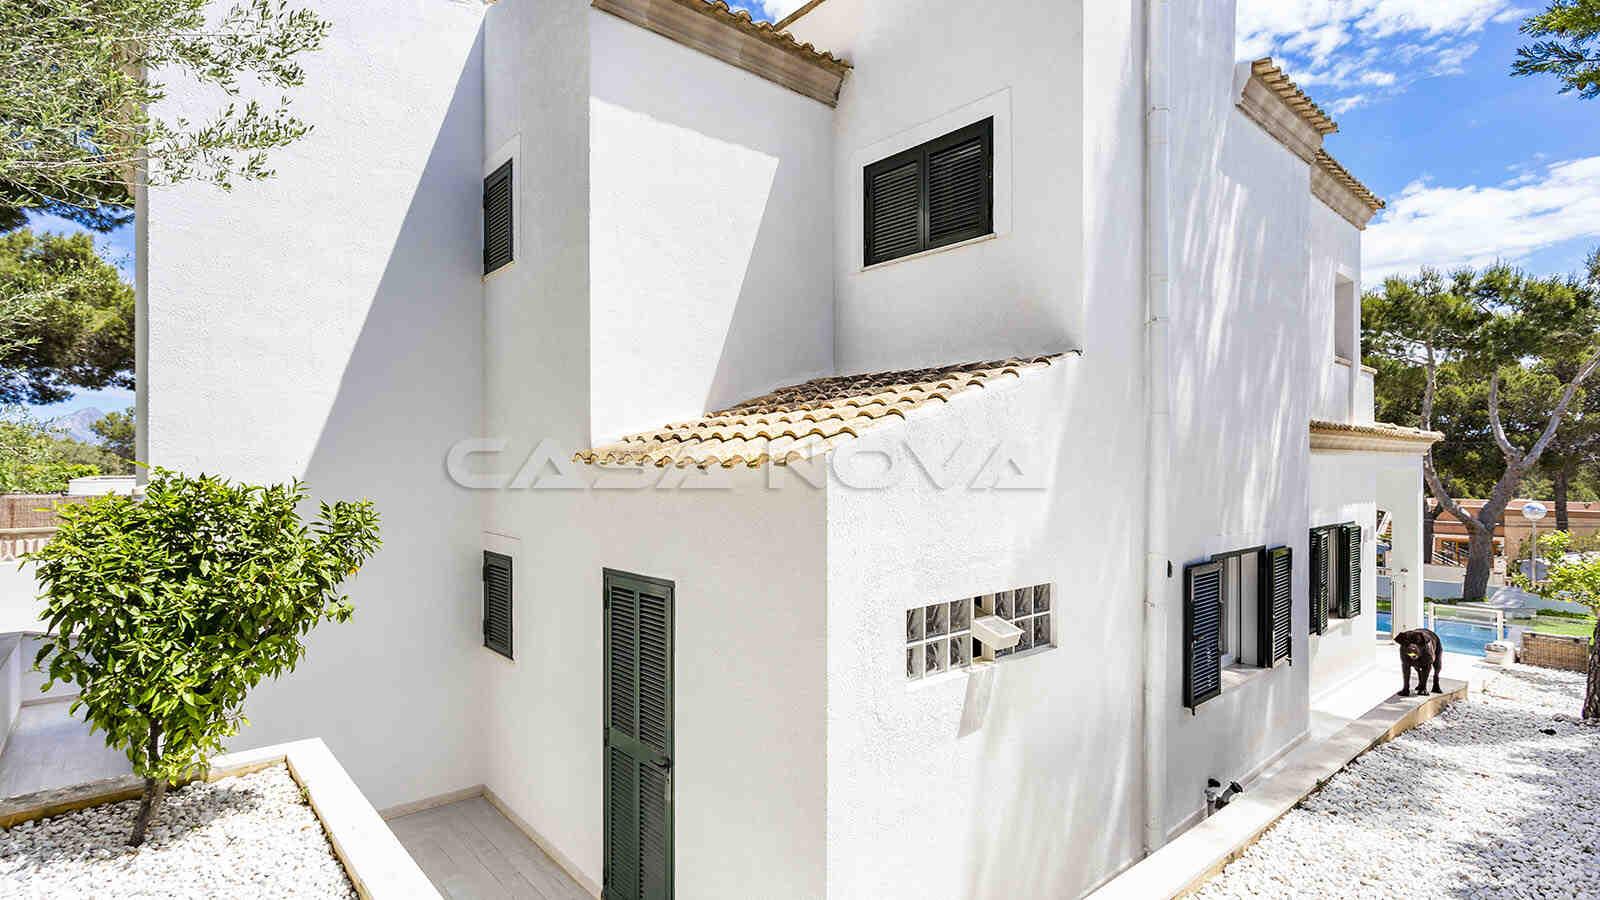 Kürzlich renovierte Mallorca villa mit mediterranen Akzenten